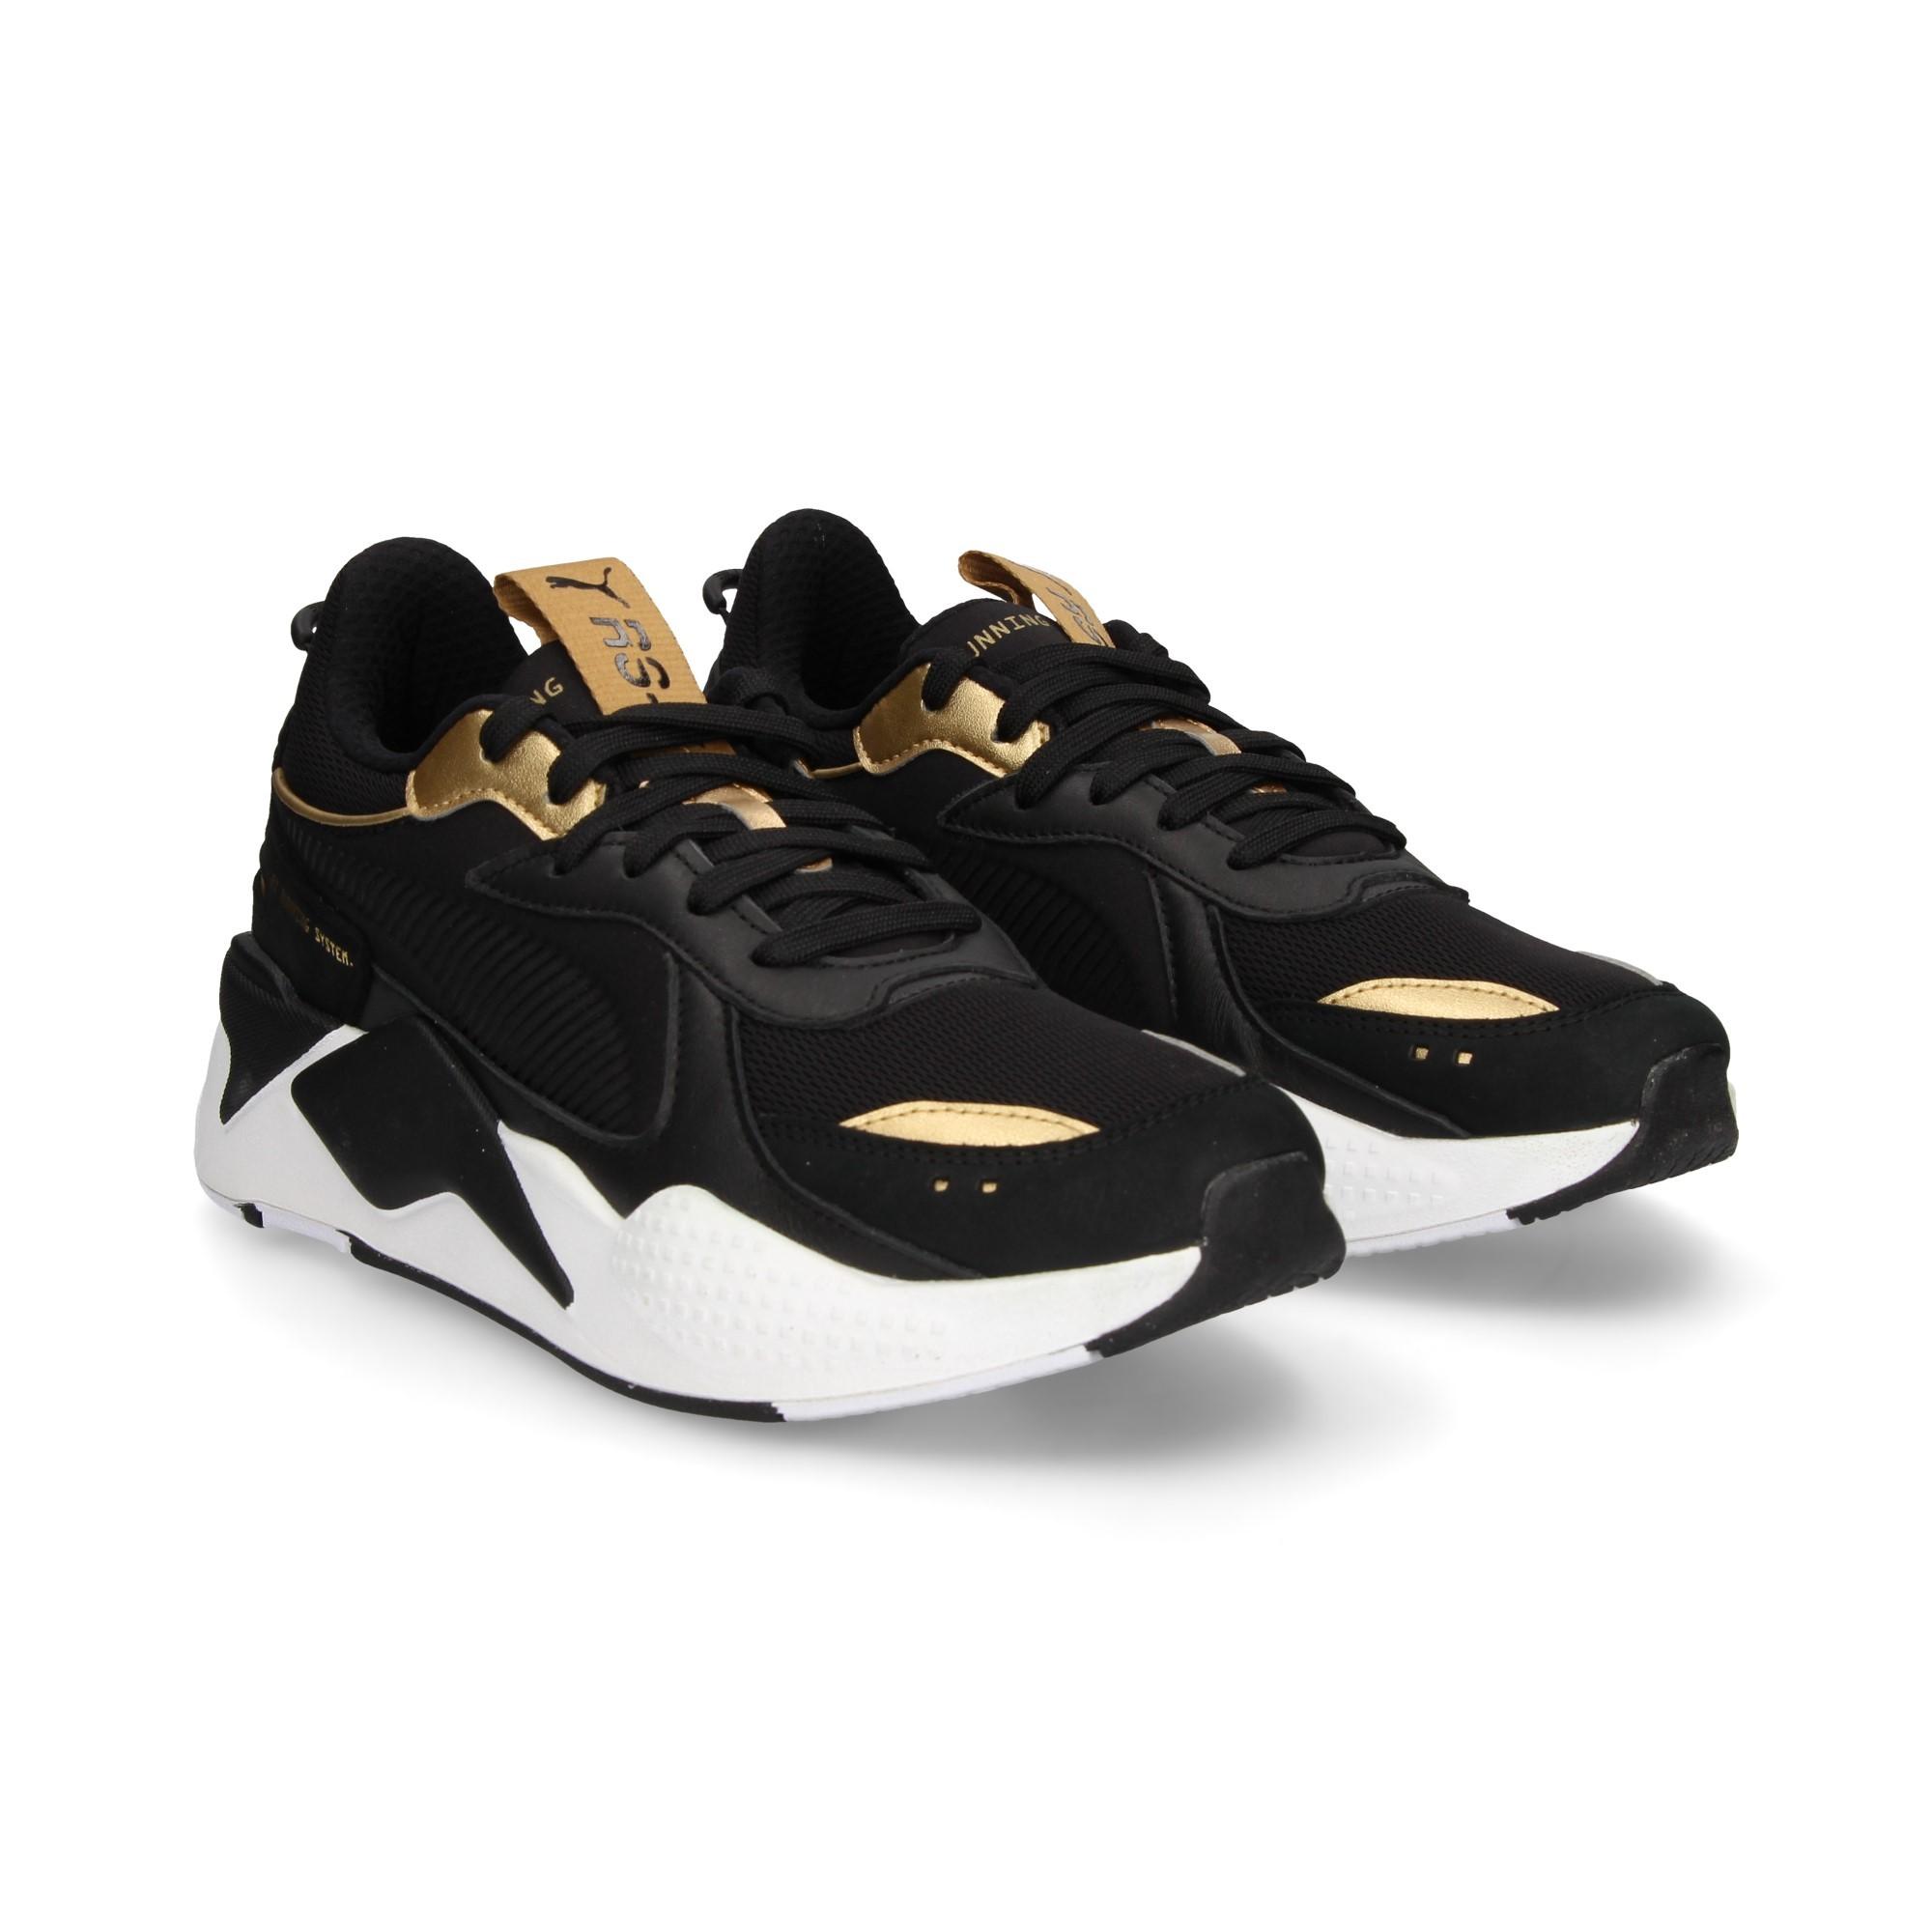 79d9d0b7205 PUMA Men s sneakers 369451 01 BLACK GOLD